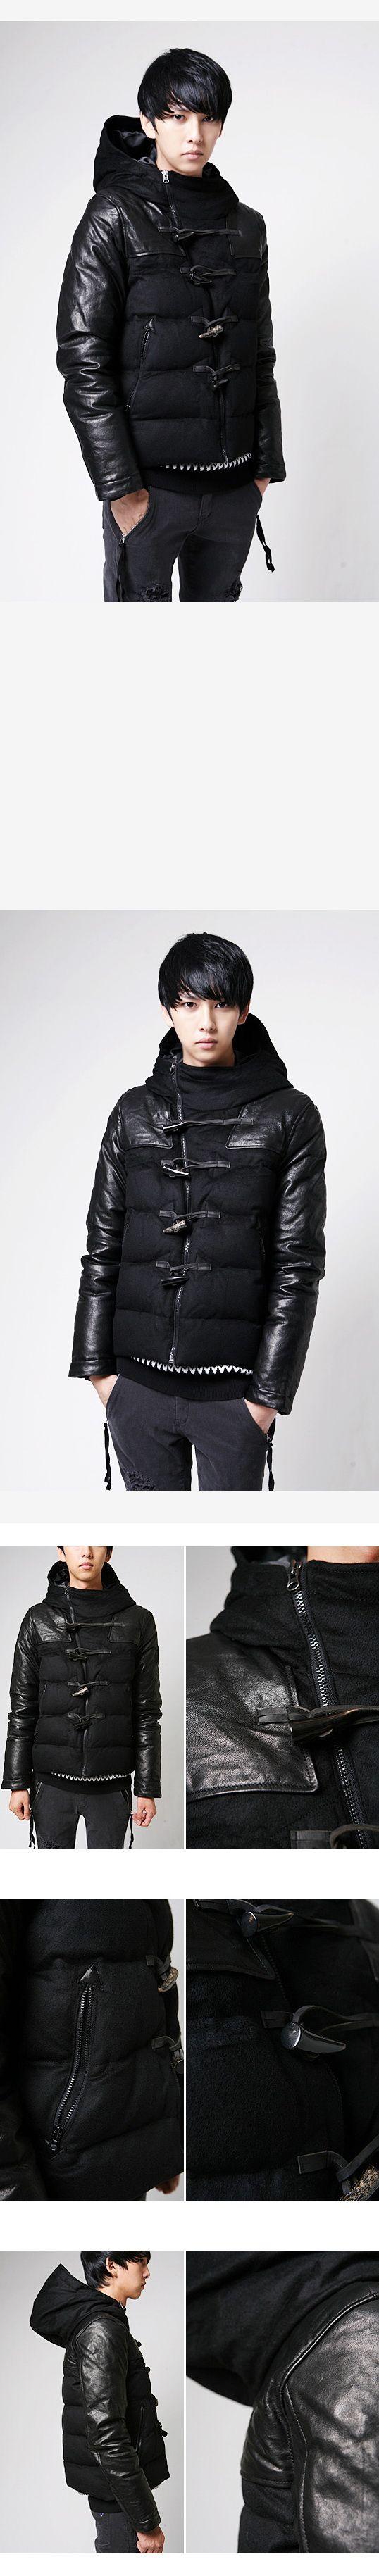 เสื้อกันหนาวพร้อมส่ง : แจ๊คเก็ตบุแขนหนัง